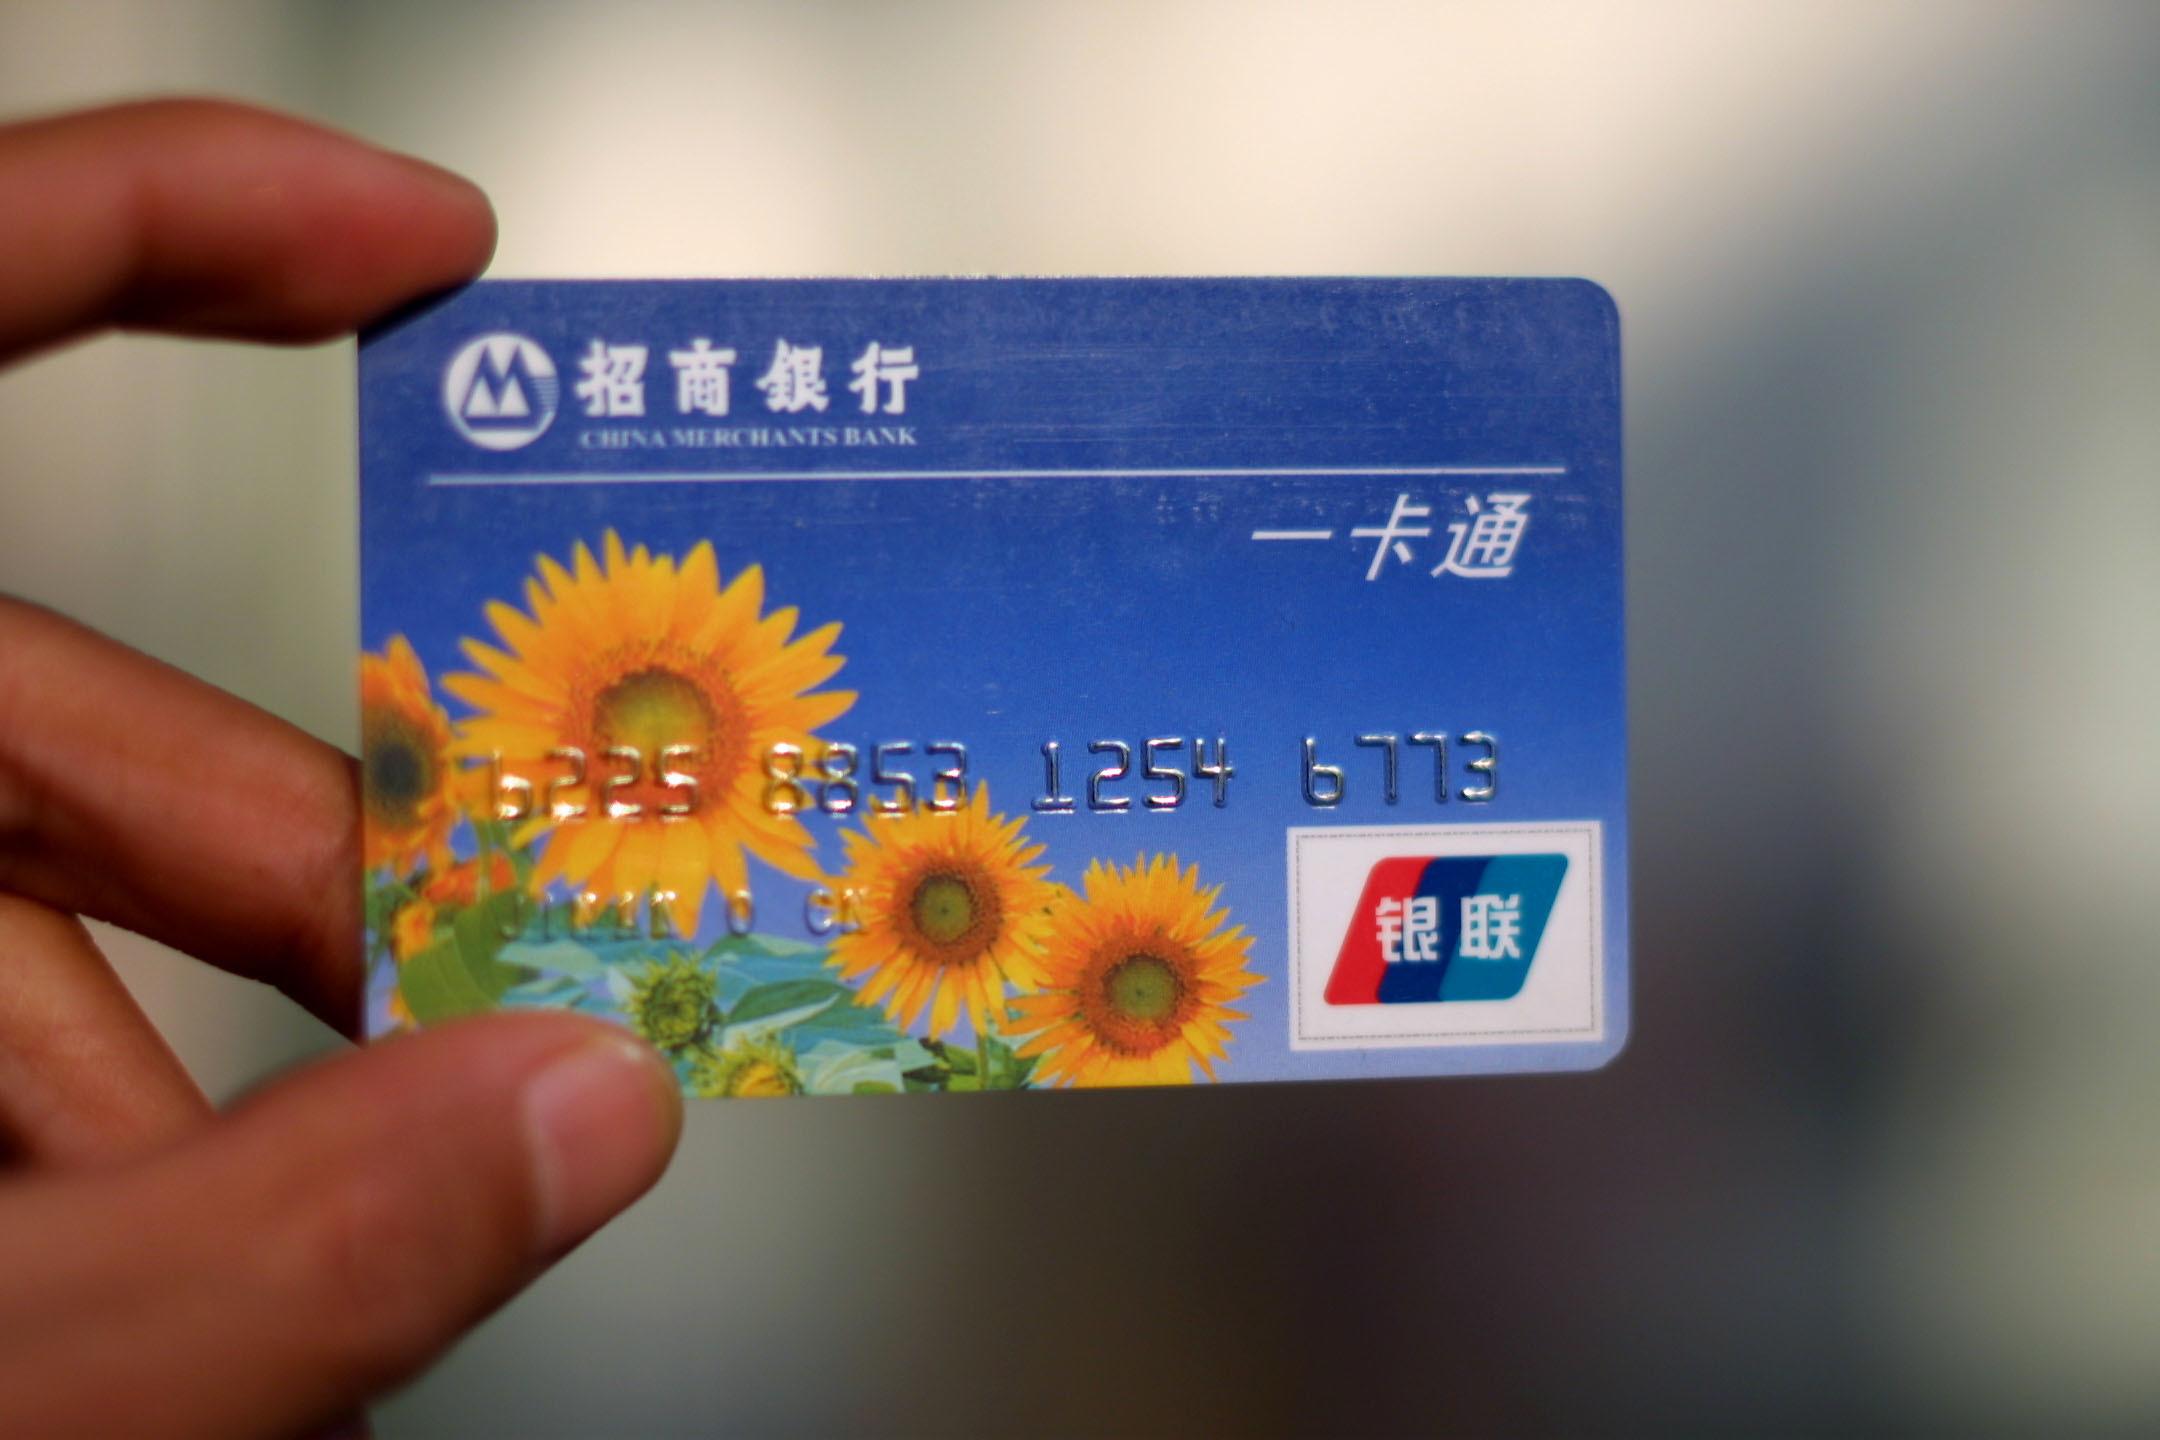 信用卡附属卡是什么?2019年最新解释!